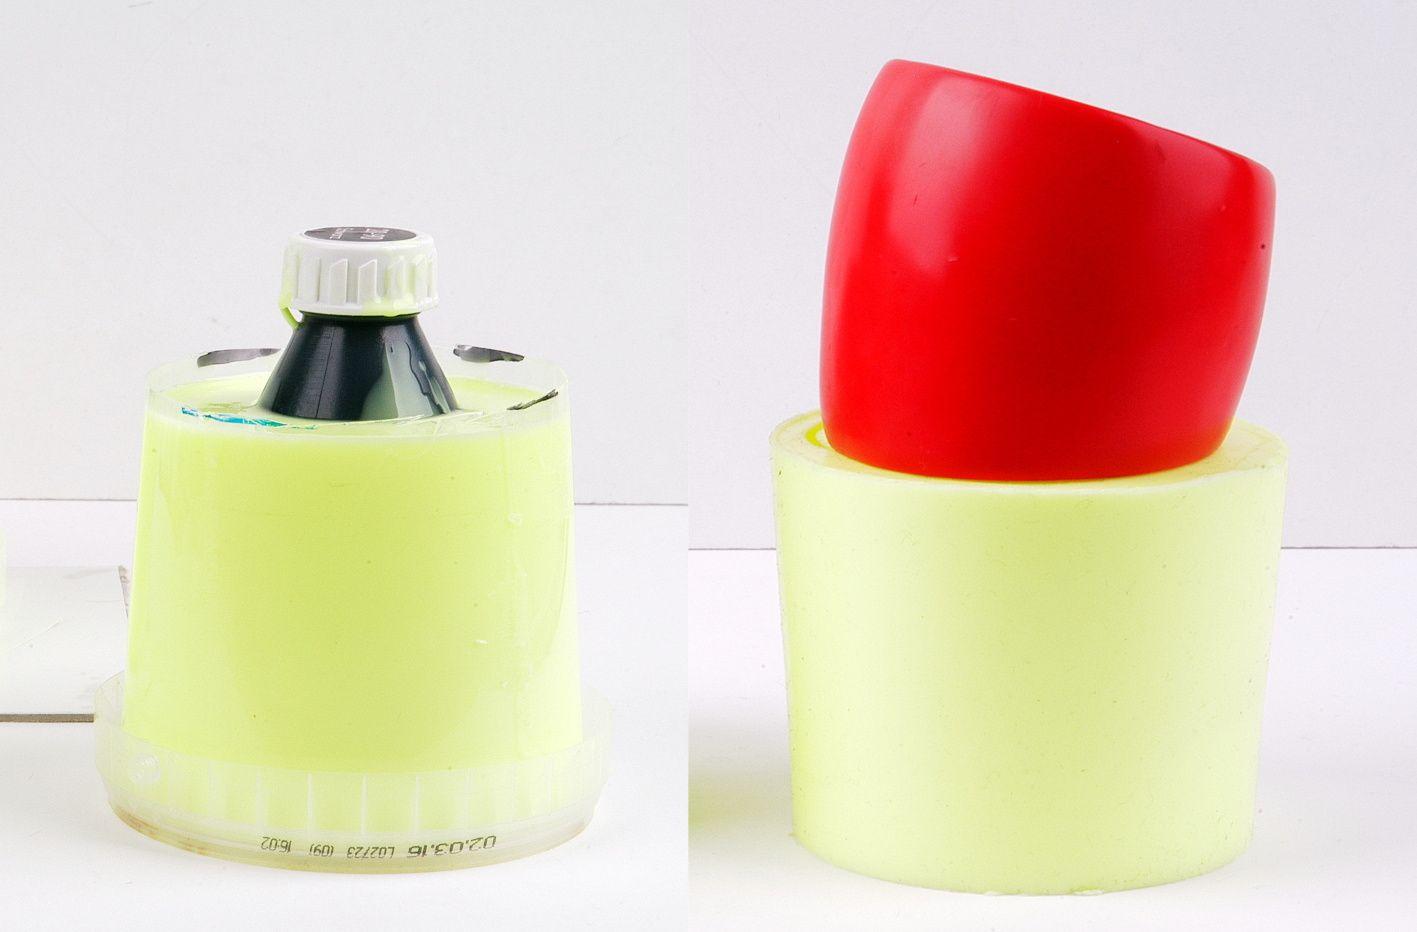 Trotz Widerstand der Innenflasche: die Armreifen-Silikonform ist prima geworden.